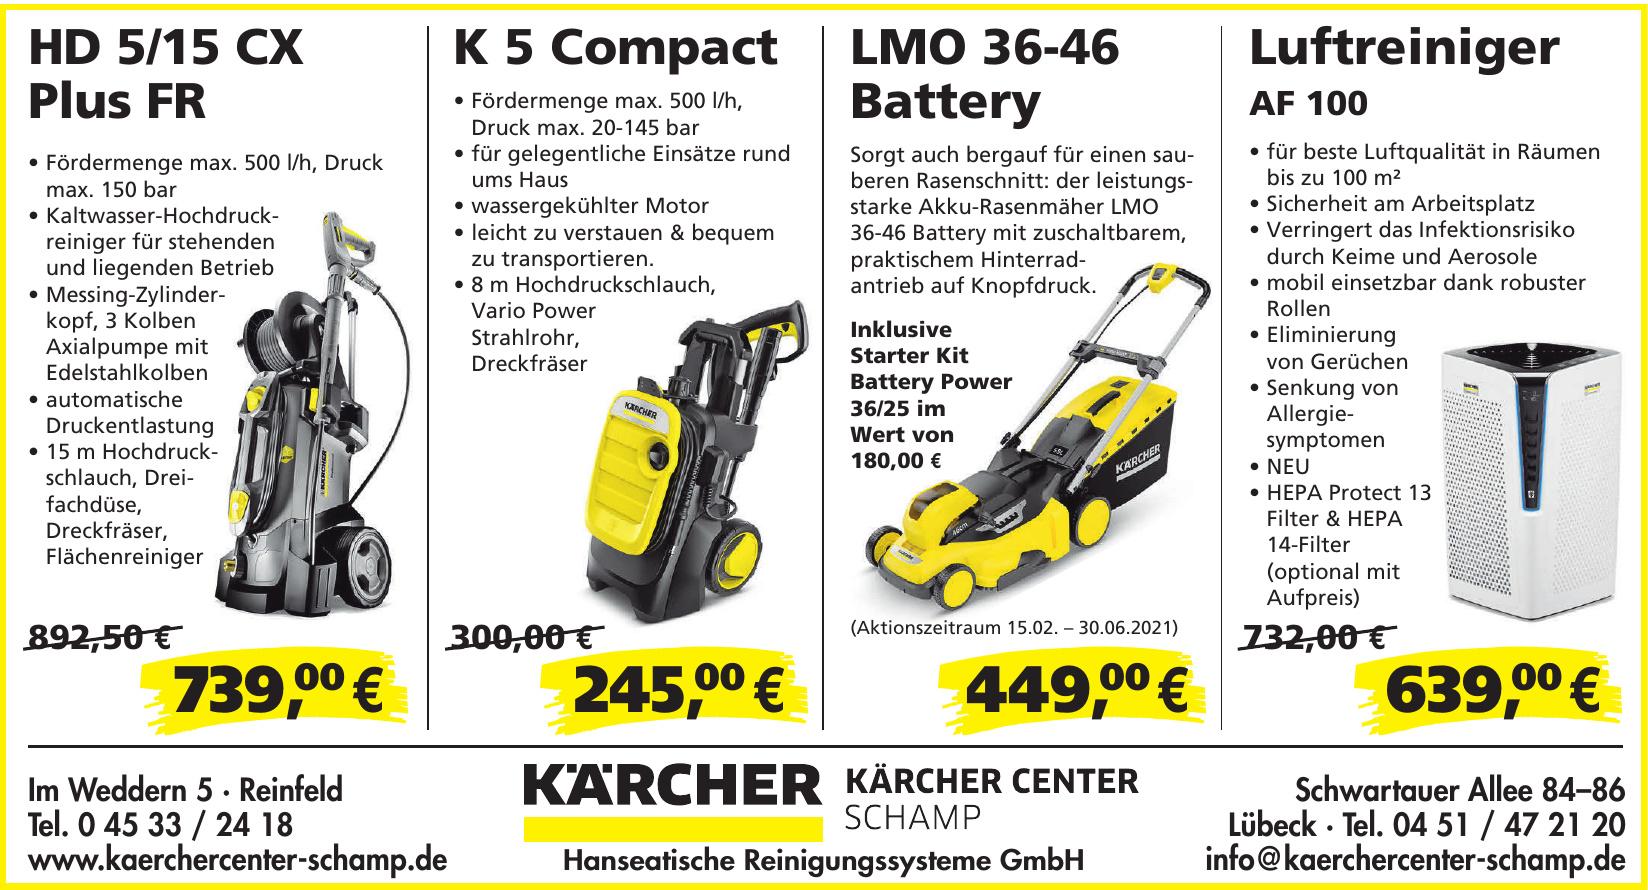 Kärcher Center Schamp - Hanseatische Reinigungssysteme GmbH